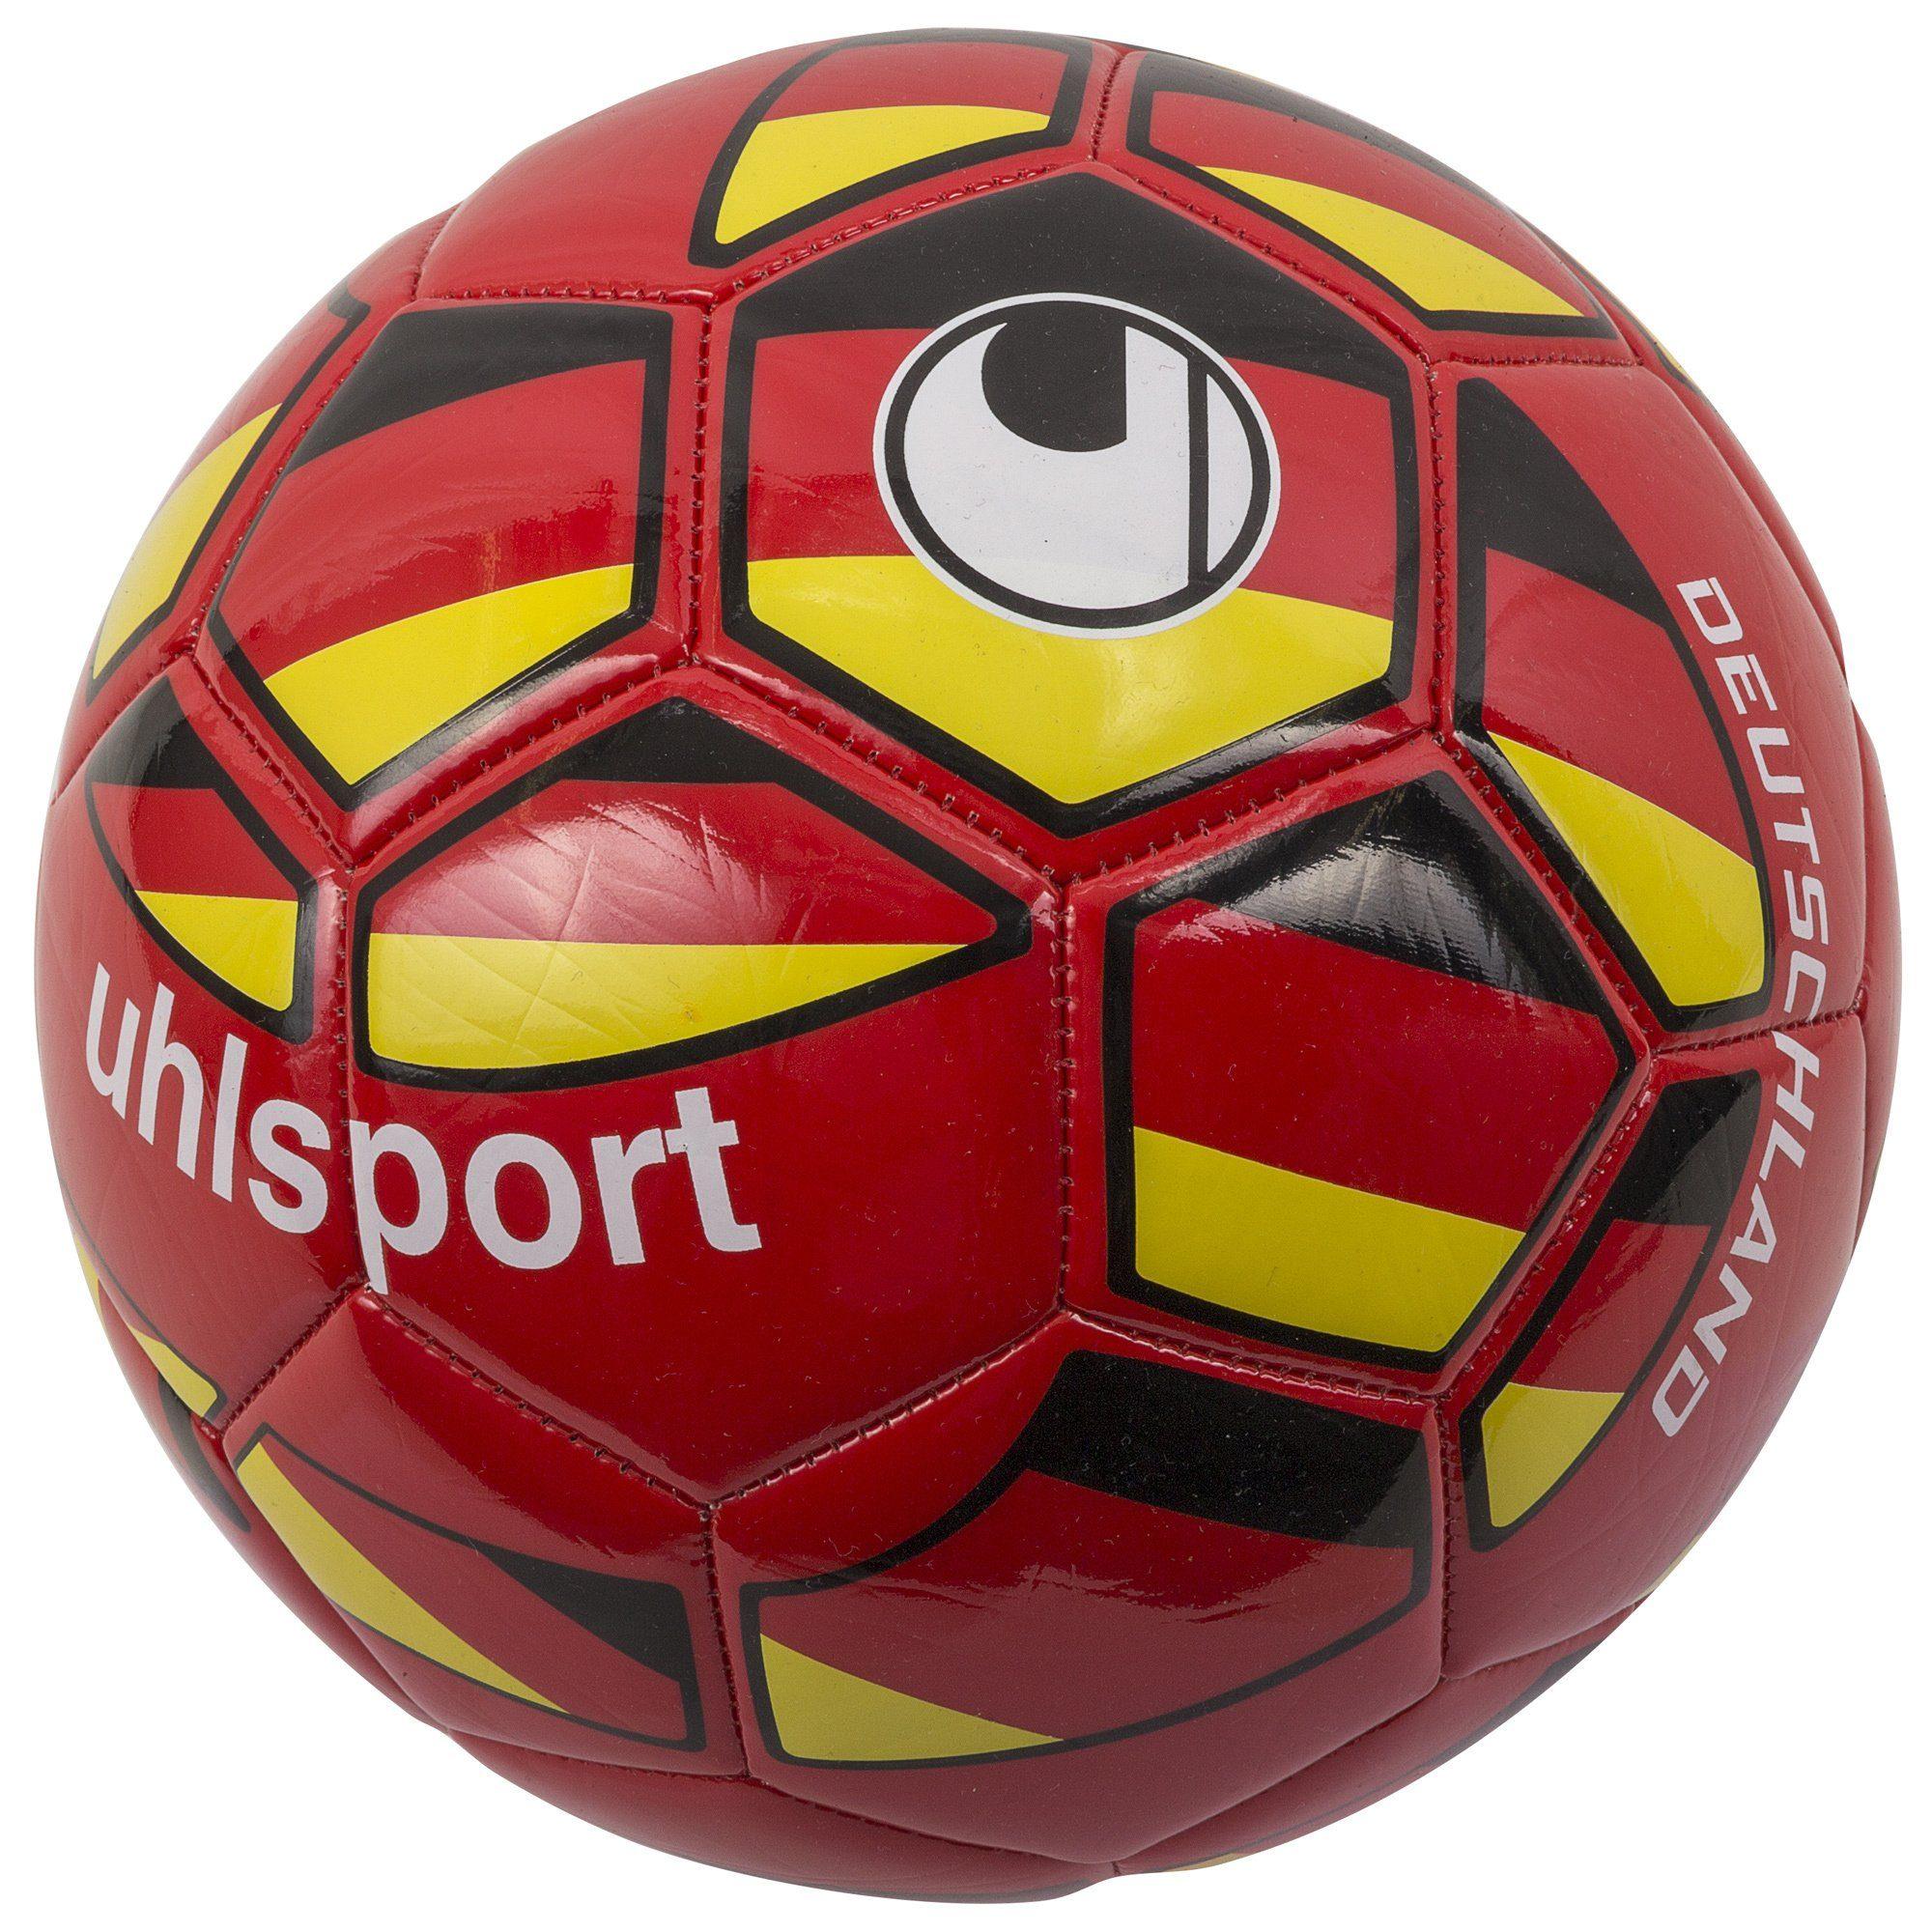 UHLSPORT Deutschland Fußball